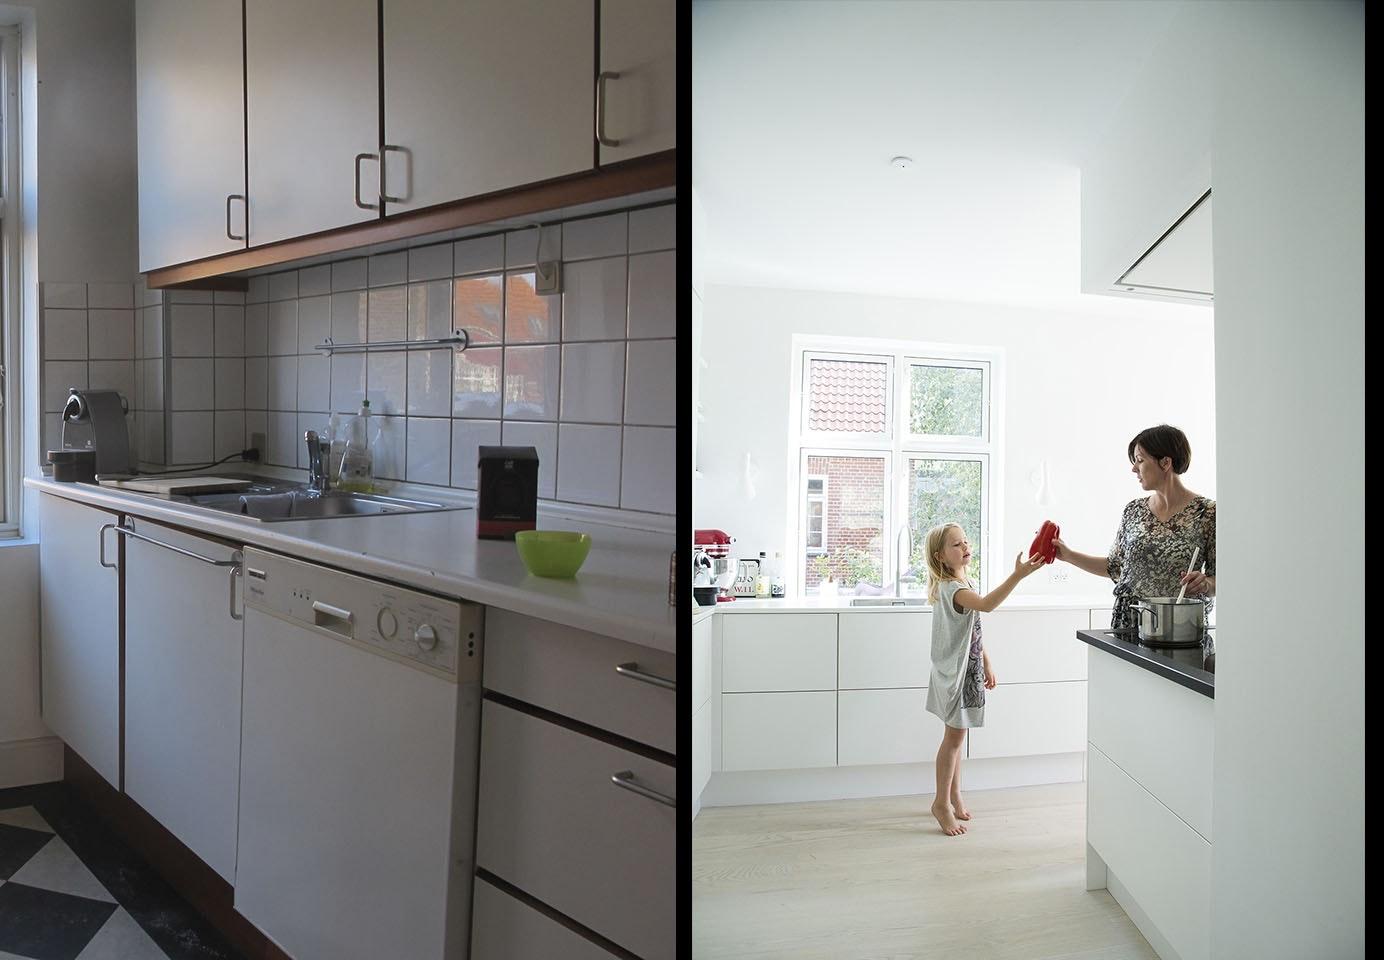 murermestervilla og ombygning af køkken